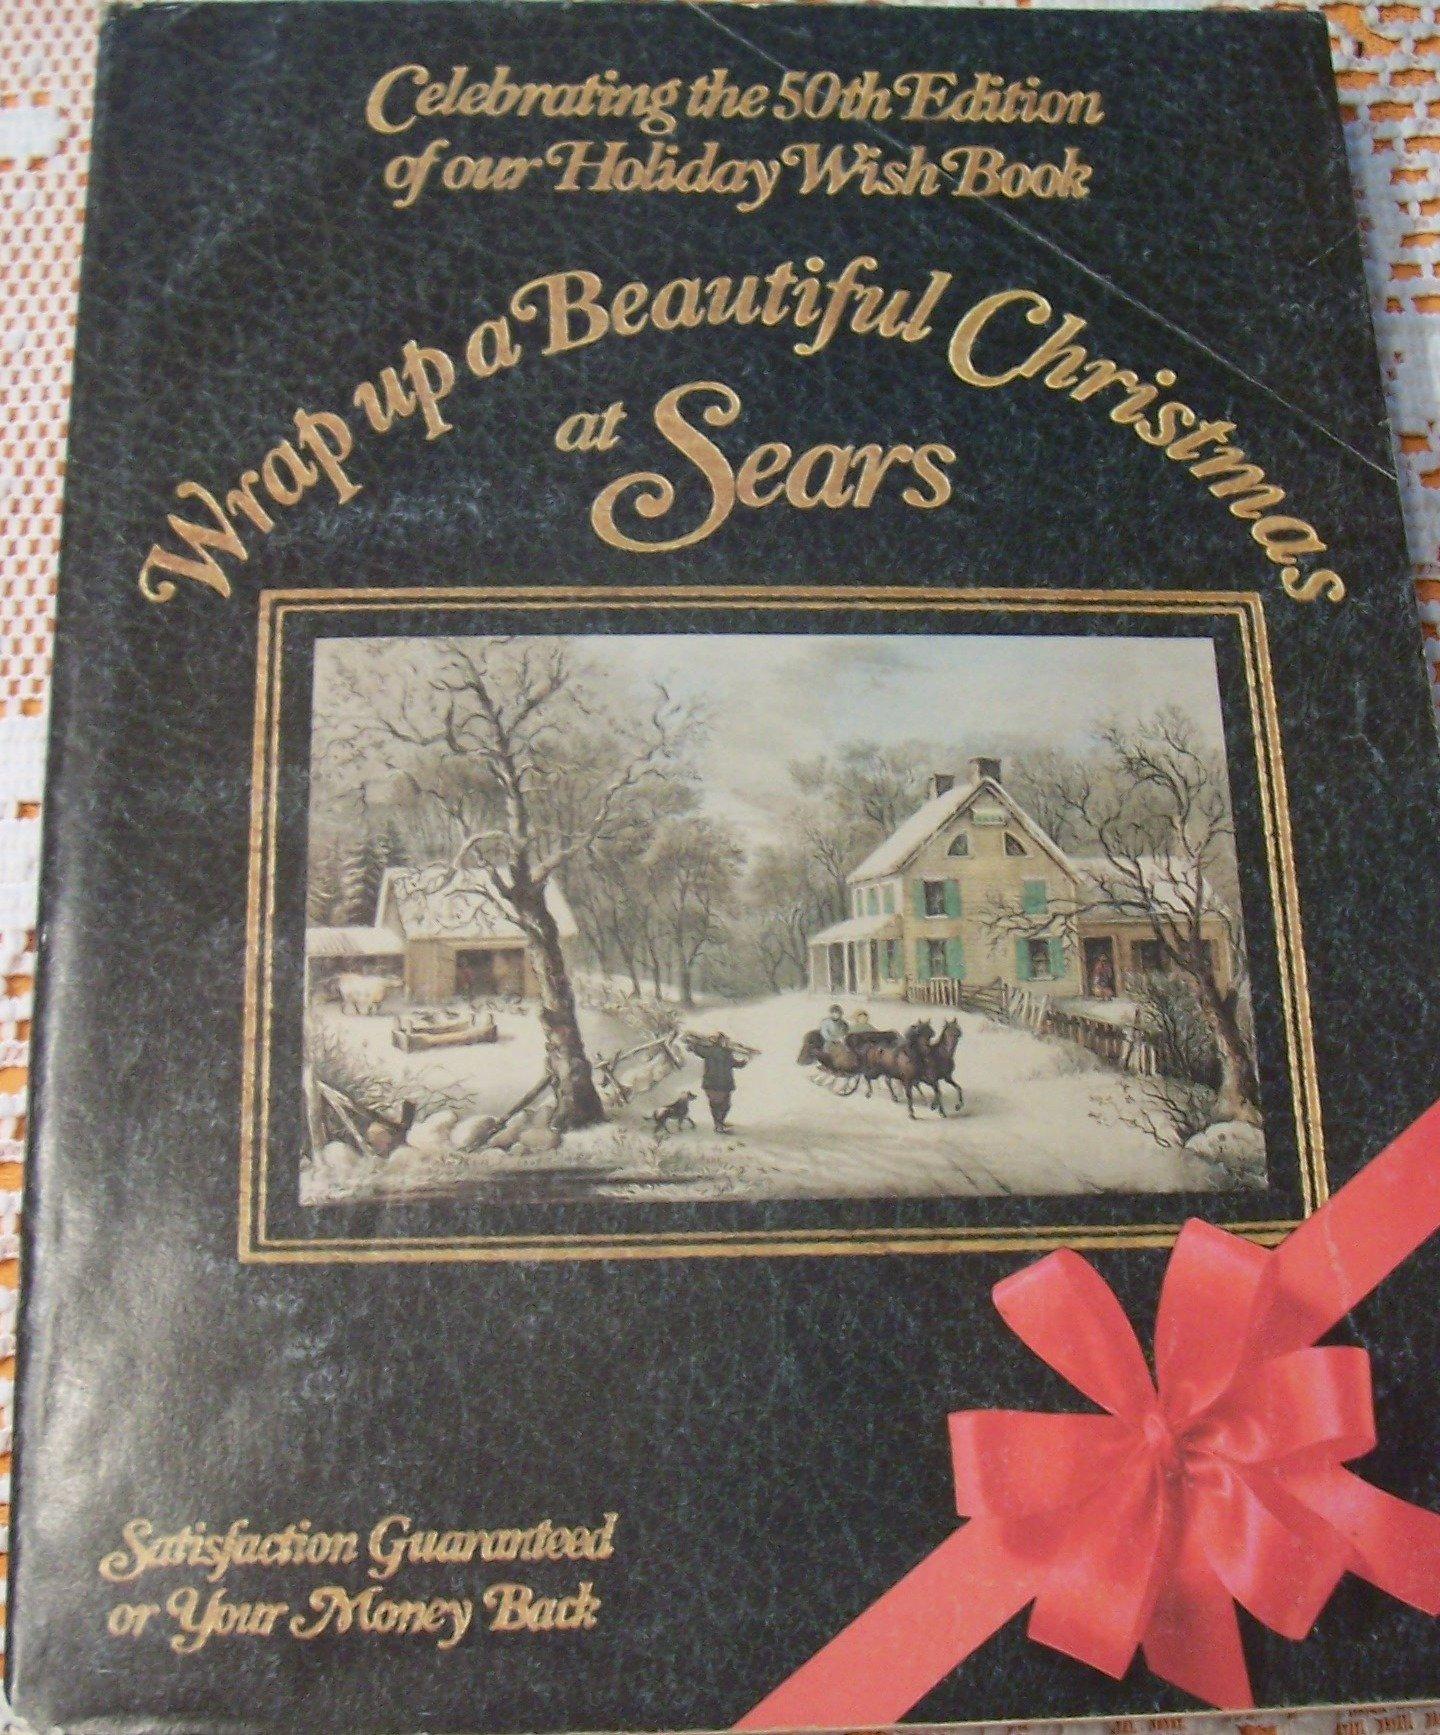 Sears Christmas Catalog.Sears Christmas Catalog 50th Anniversary Wish Books 1982